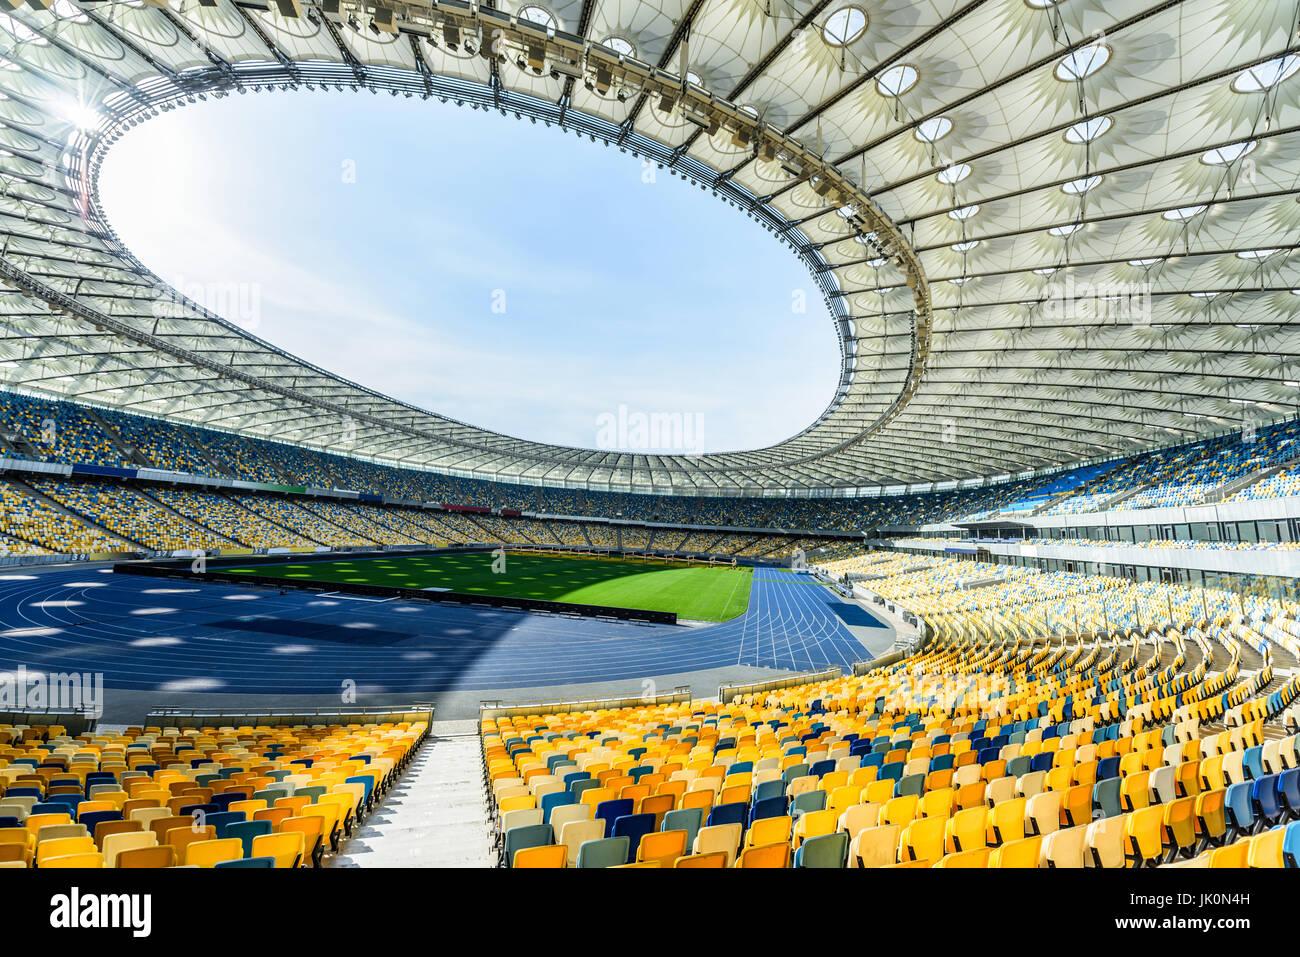 Filas de asientos del estadio amarillo y azul sobre soccer Field Stadium Imagen De Stock